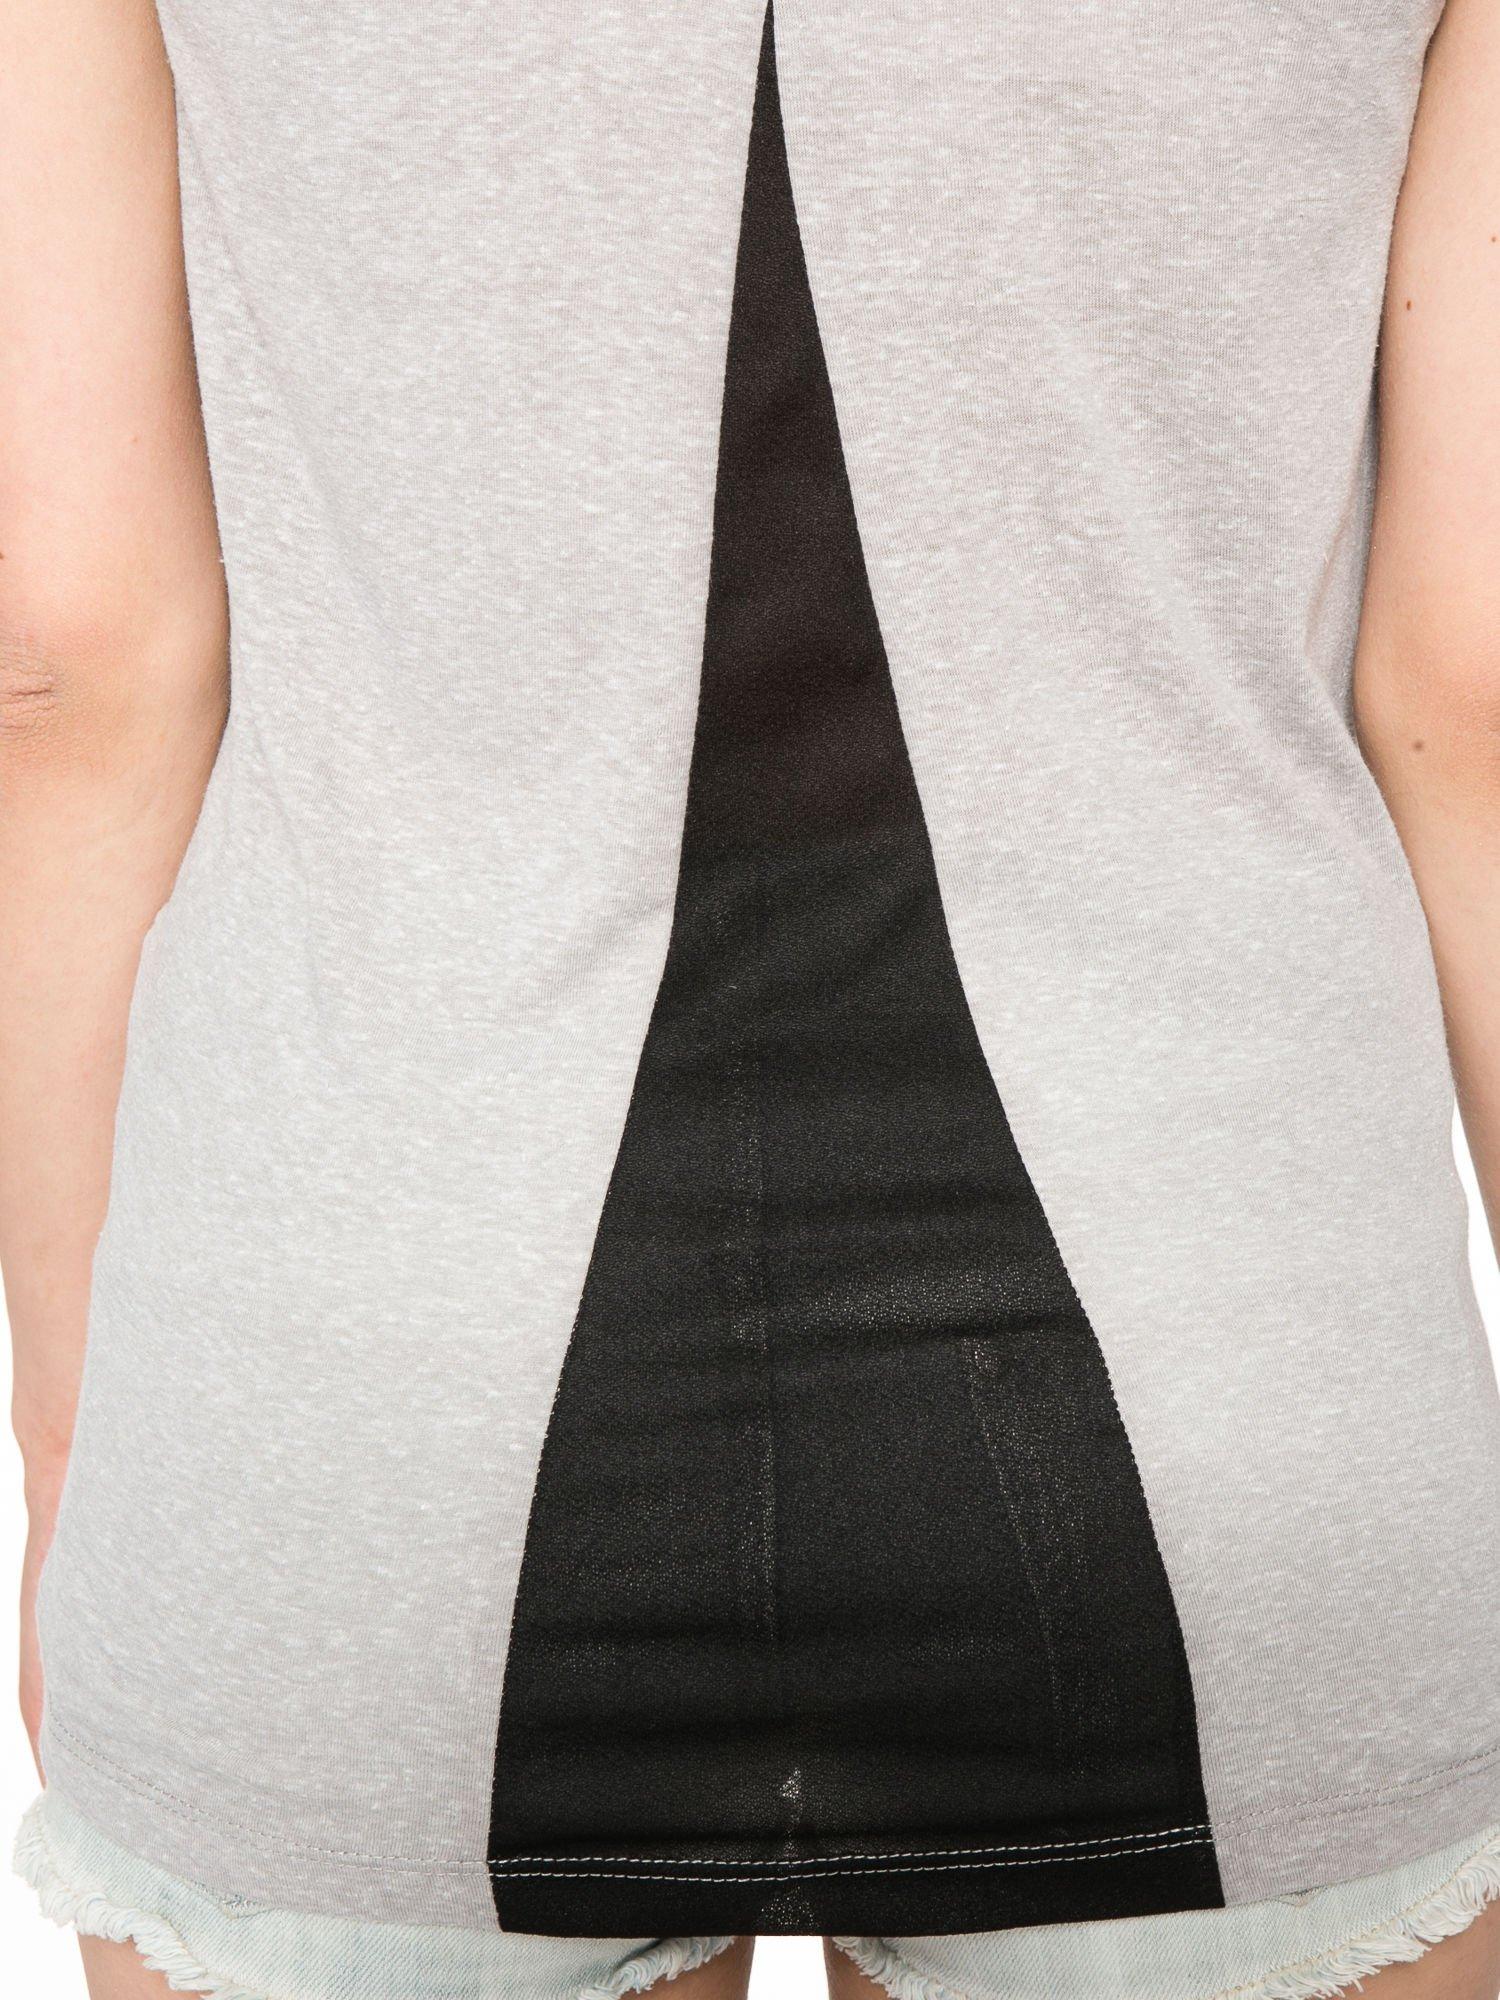 Ciemnoszary t-shirt z fotografiami miast                                  zdj.                                  11